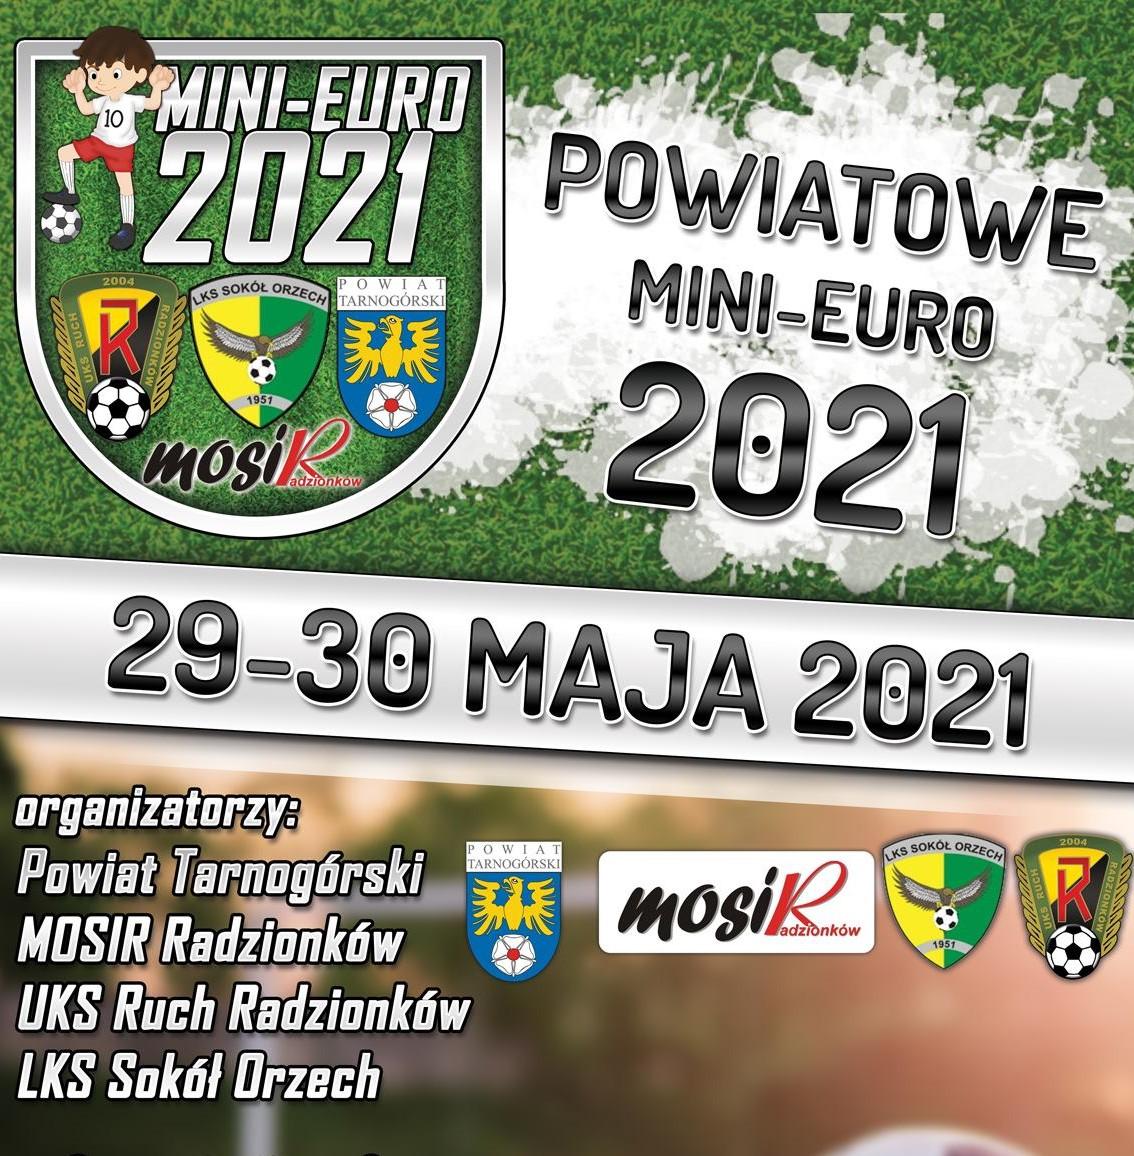 Plakat zapawiadający Powiatowe Mini-Euro 2021